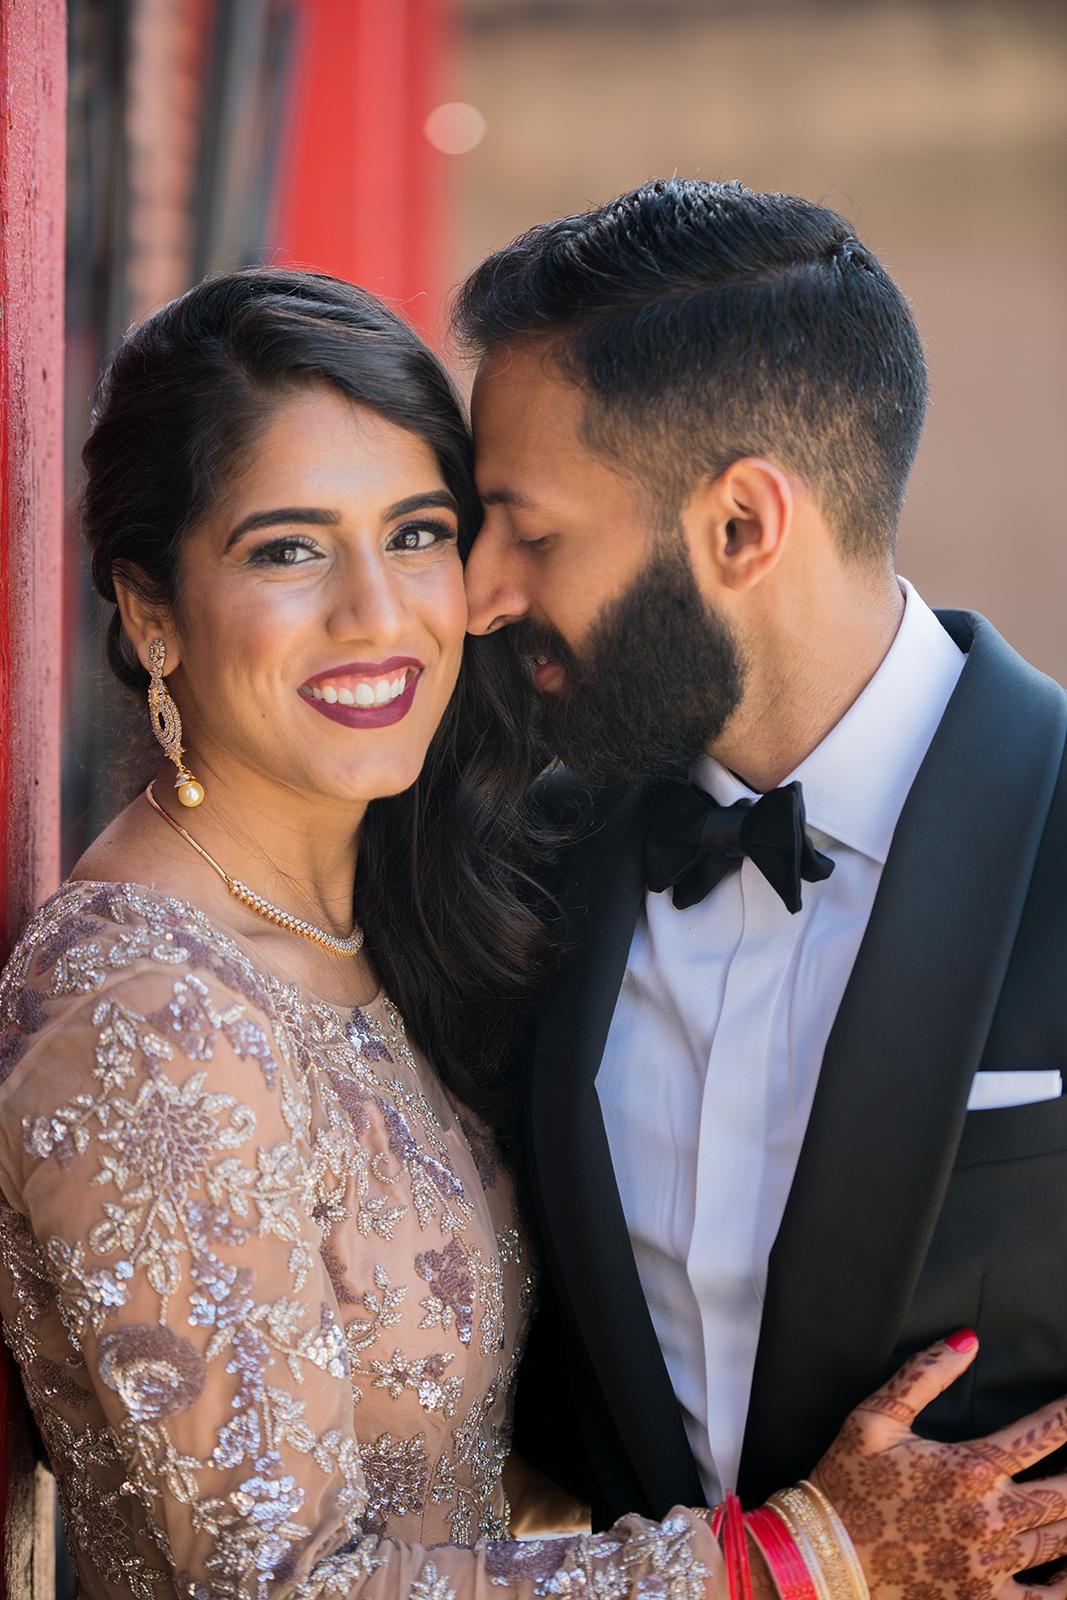 Le Cape Weddings - Sumeet and Chavi - Reception Creatives  -4.jpg